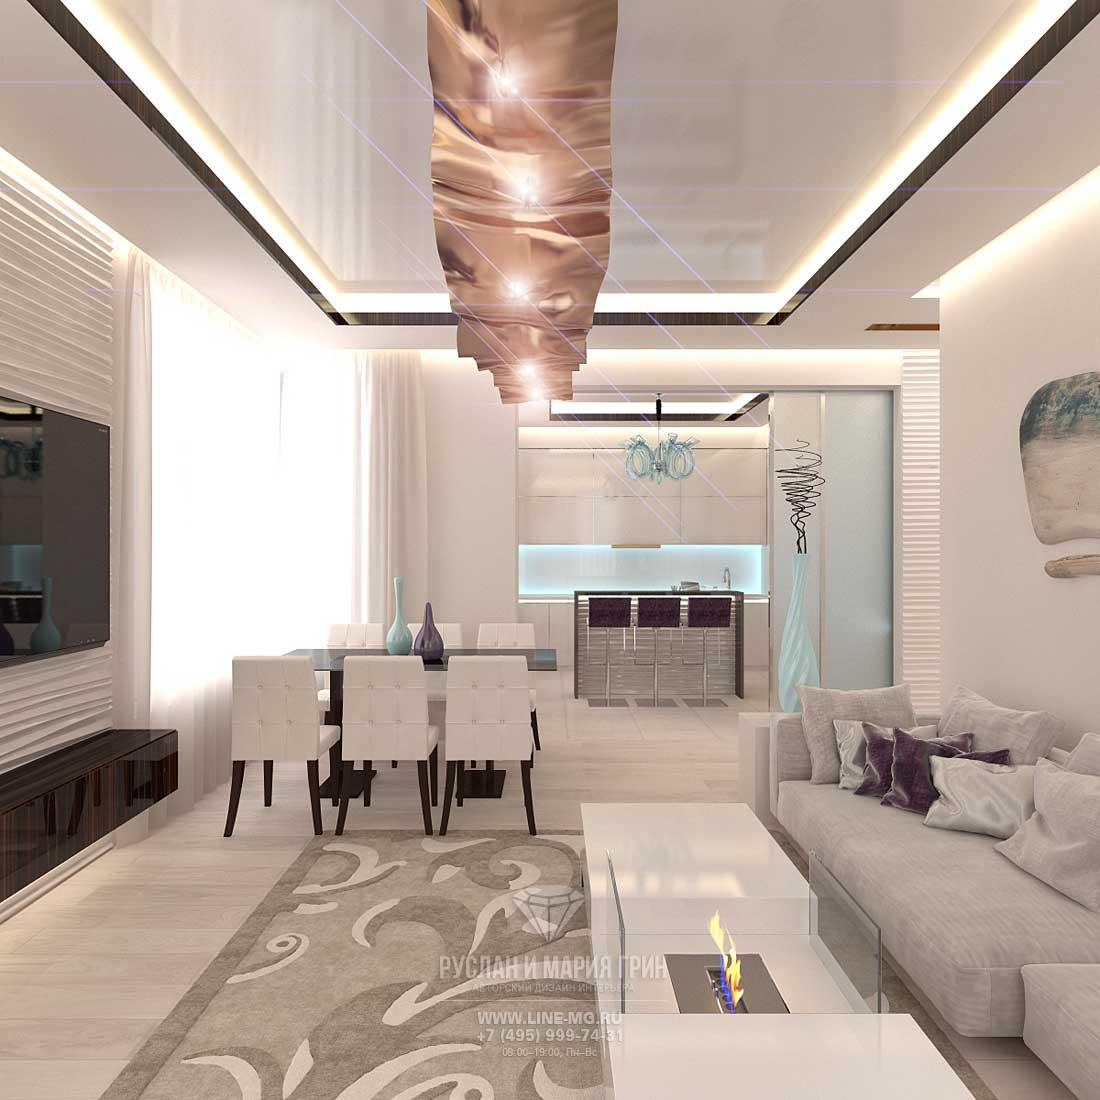 Дизайн современной гостиной, совмещенной с кухней: фото 2016